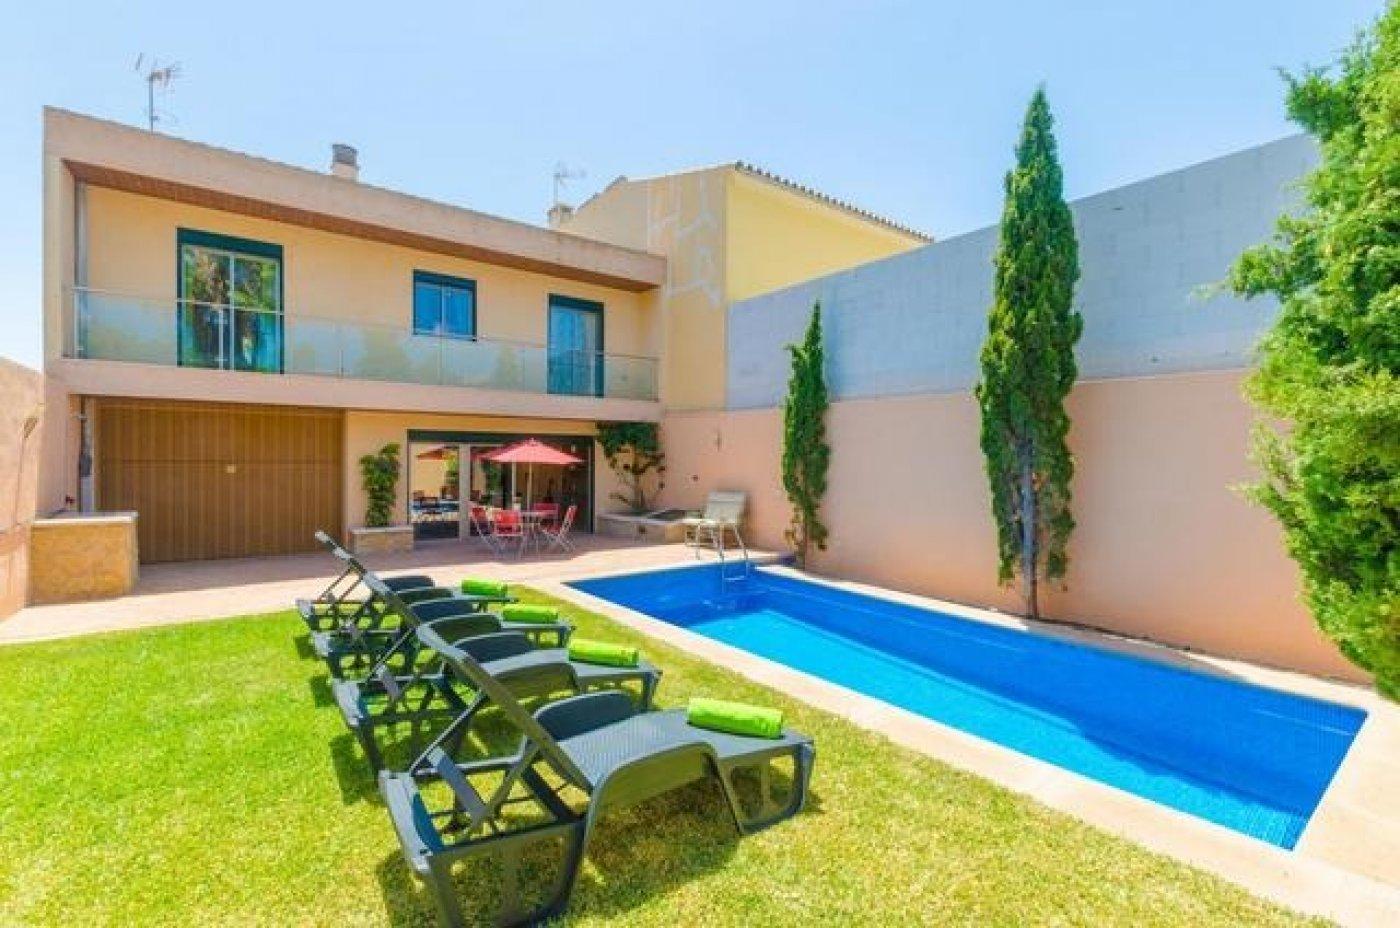 Rent House  Vilafranca de bonany ,afueras. Casa con encanto en villafranca de bonany